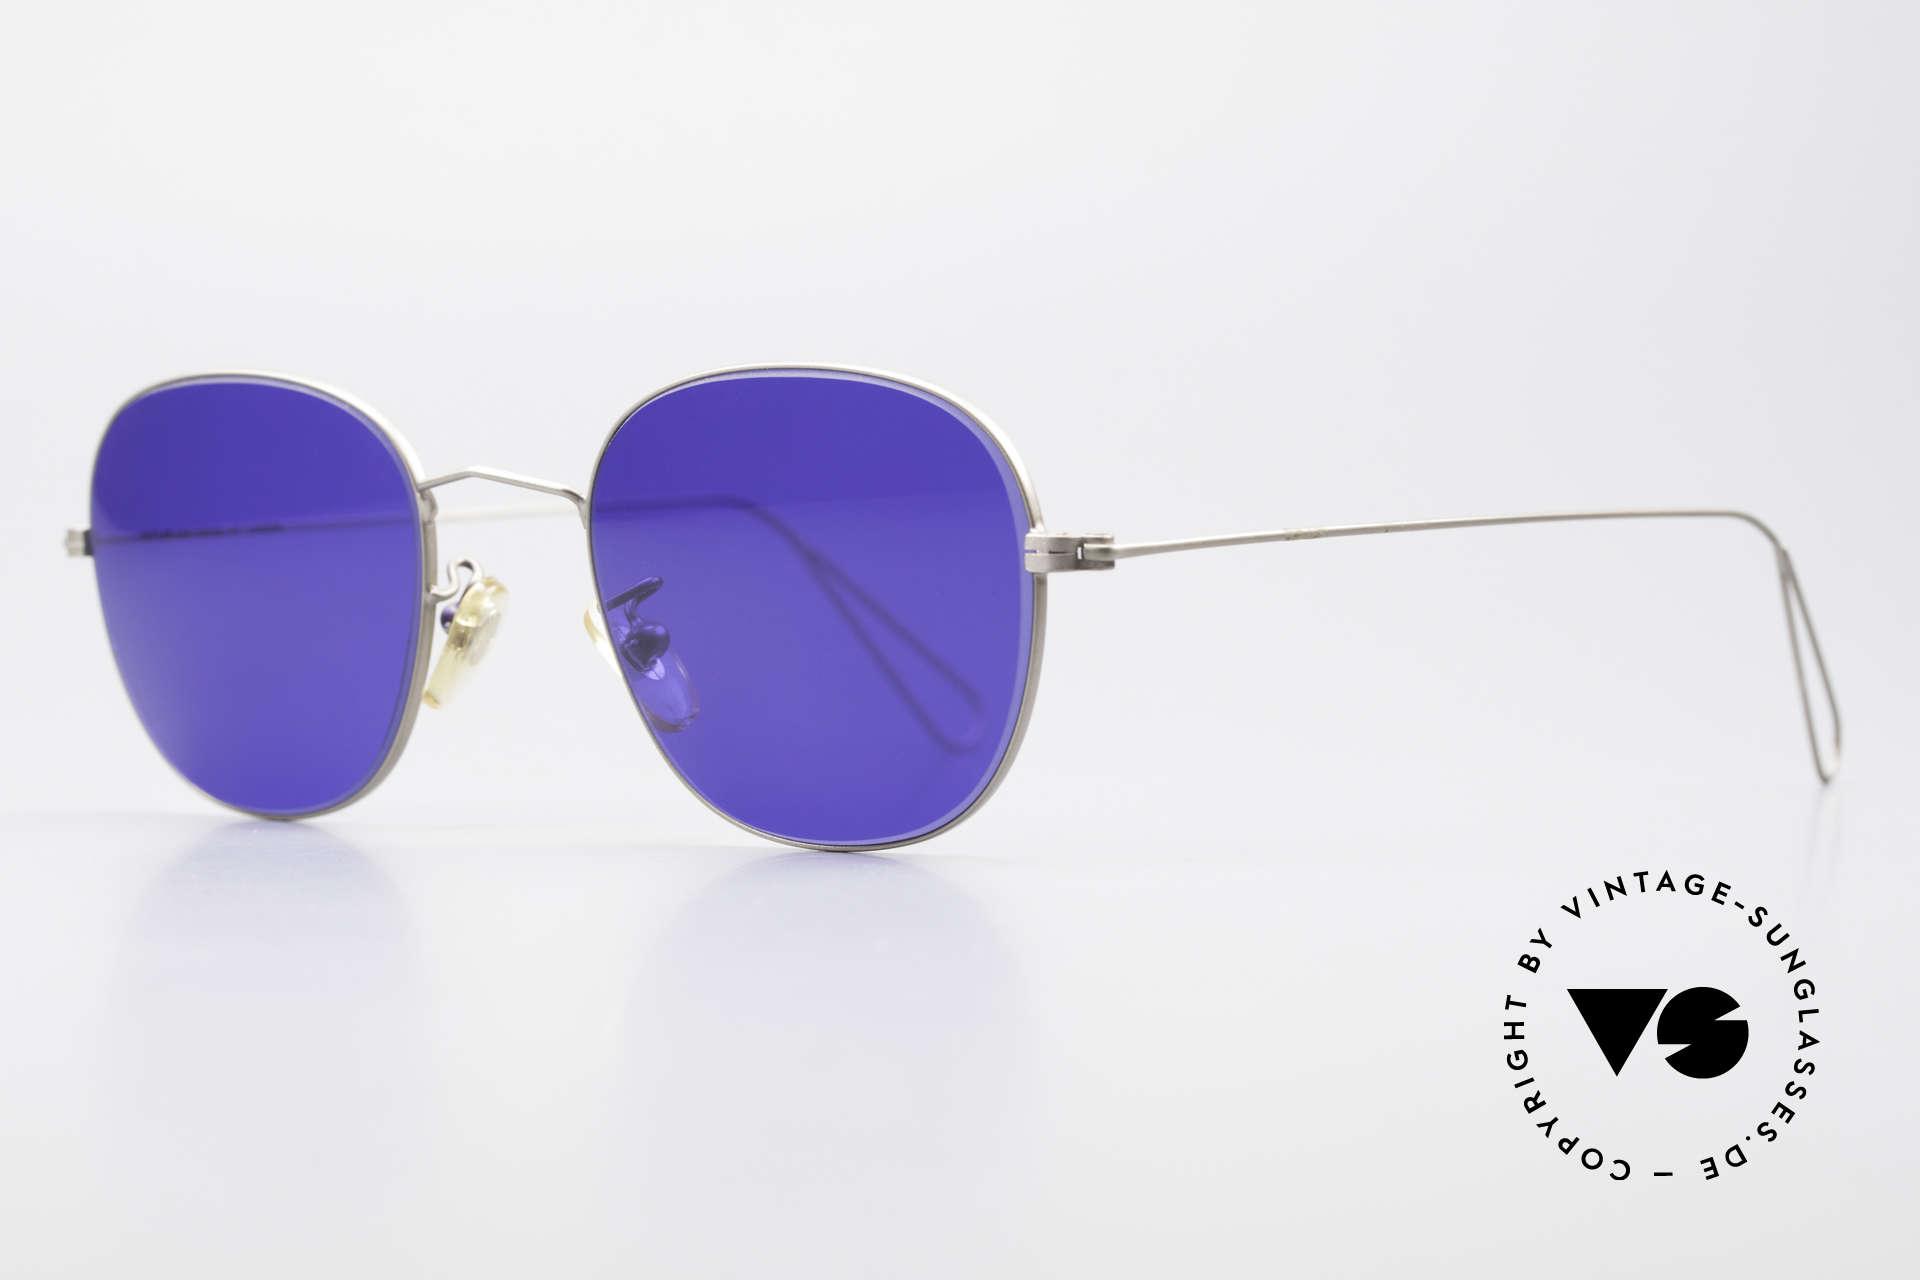 Cutler And Gross 0307 Klassische Vintage Brille 90er, stilvoll & unverwechselbar; auch ohne pompöse Logos, Passend für Herren und Damen